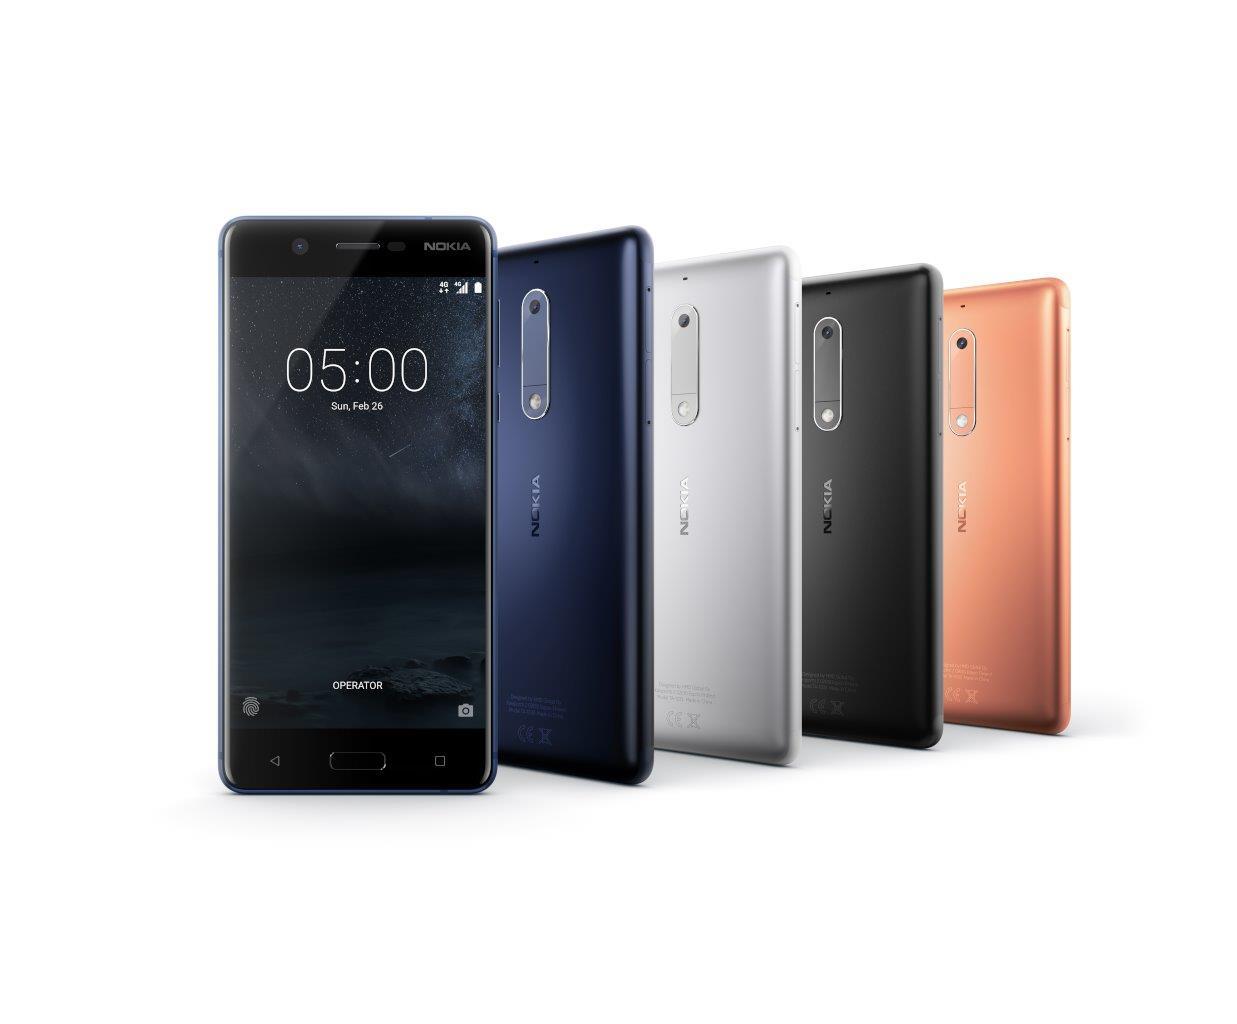 android, hmd global, mwc, mwc 2017, nokia 3, nokia 3310, nokia 5, nokia 6